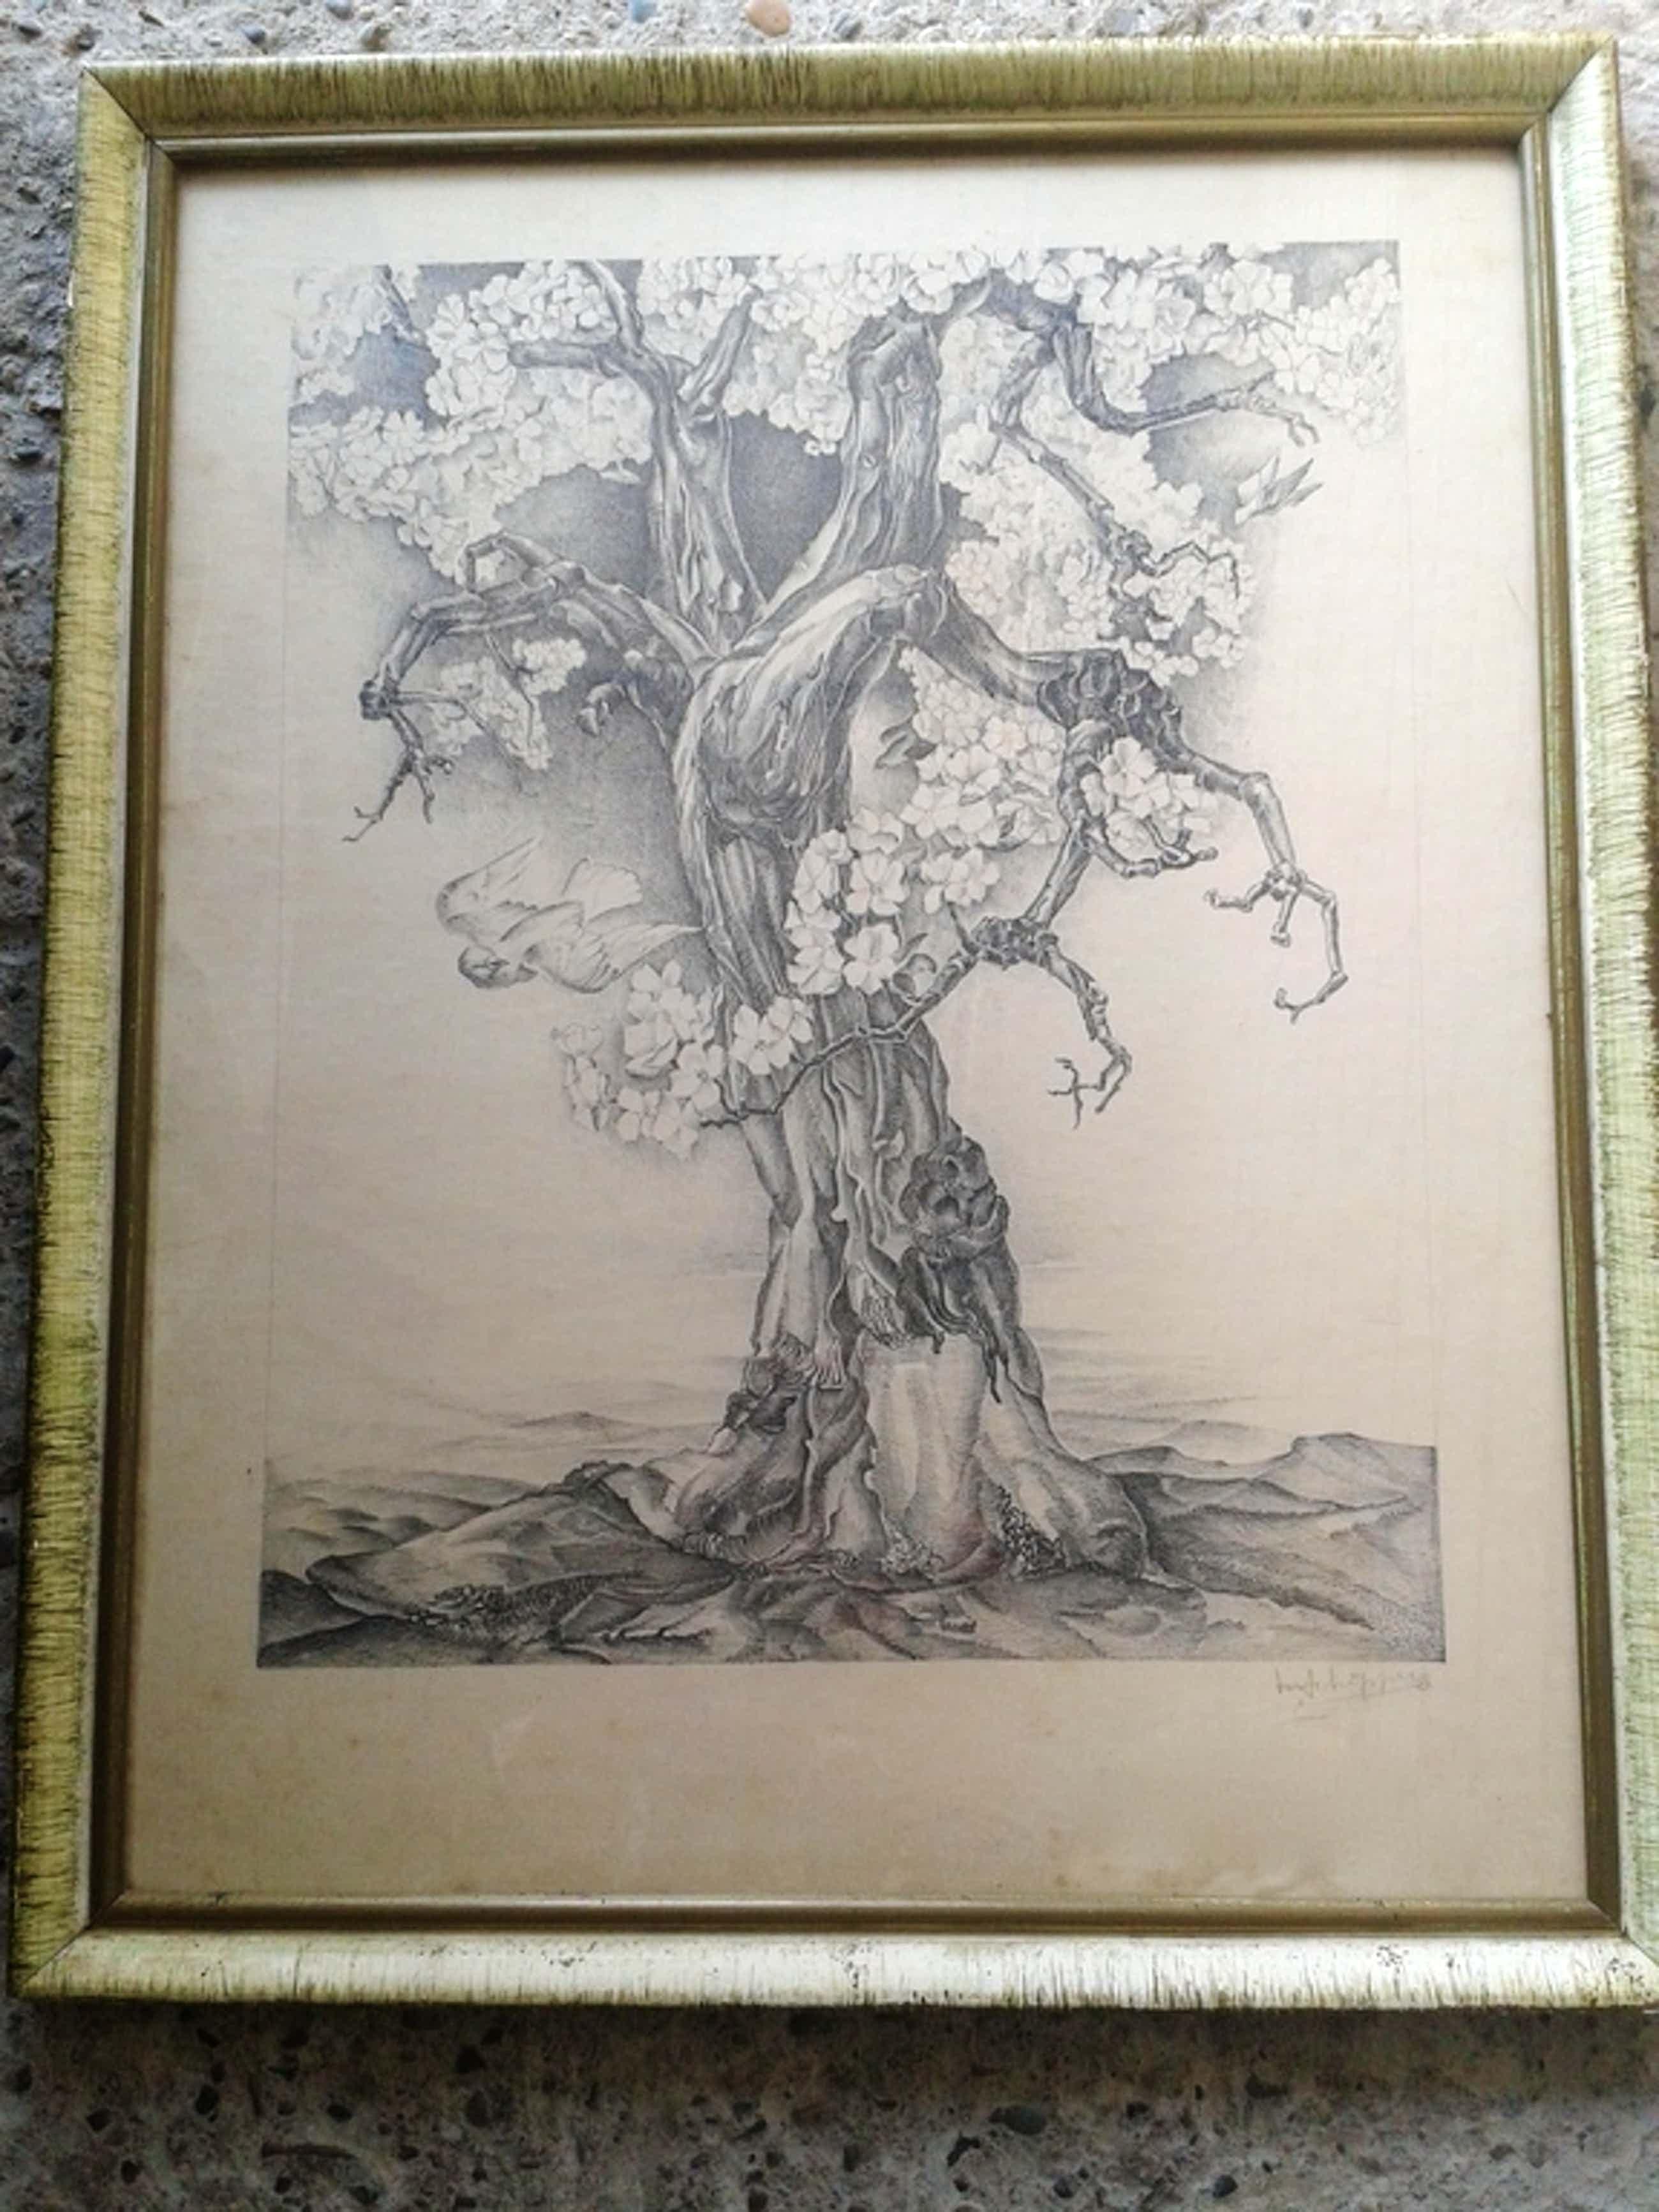 Prachtige oude ets MARINUS SCHIPPER 1897-1987 -54 x 44 cm- hand gesigneerd   kopen? Bied vanaf 55!